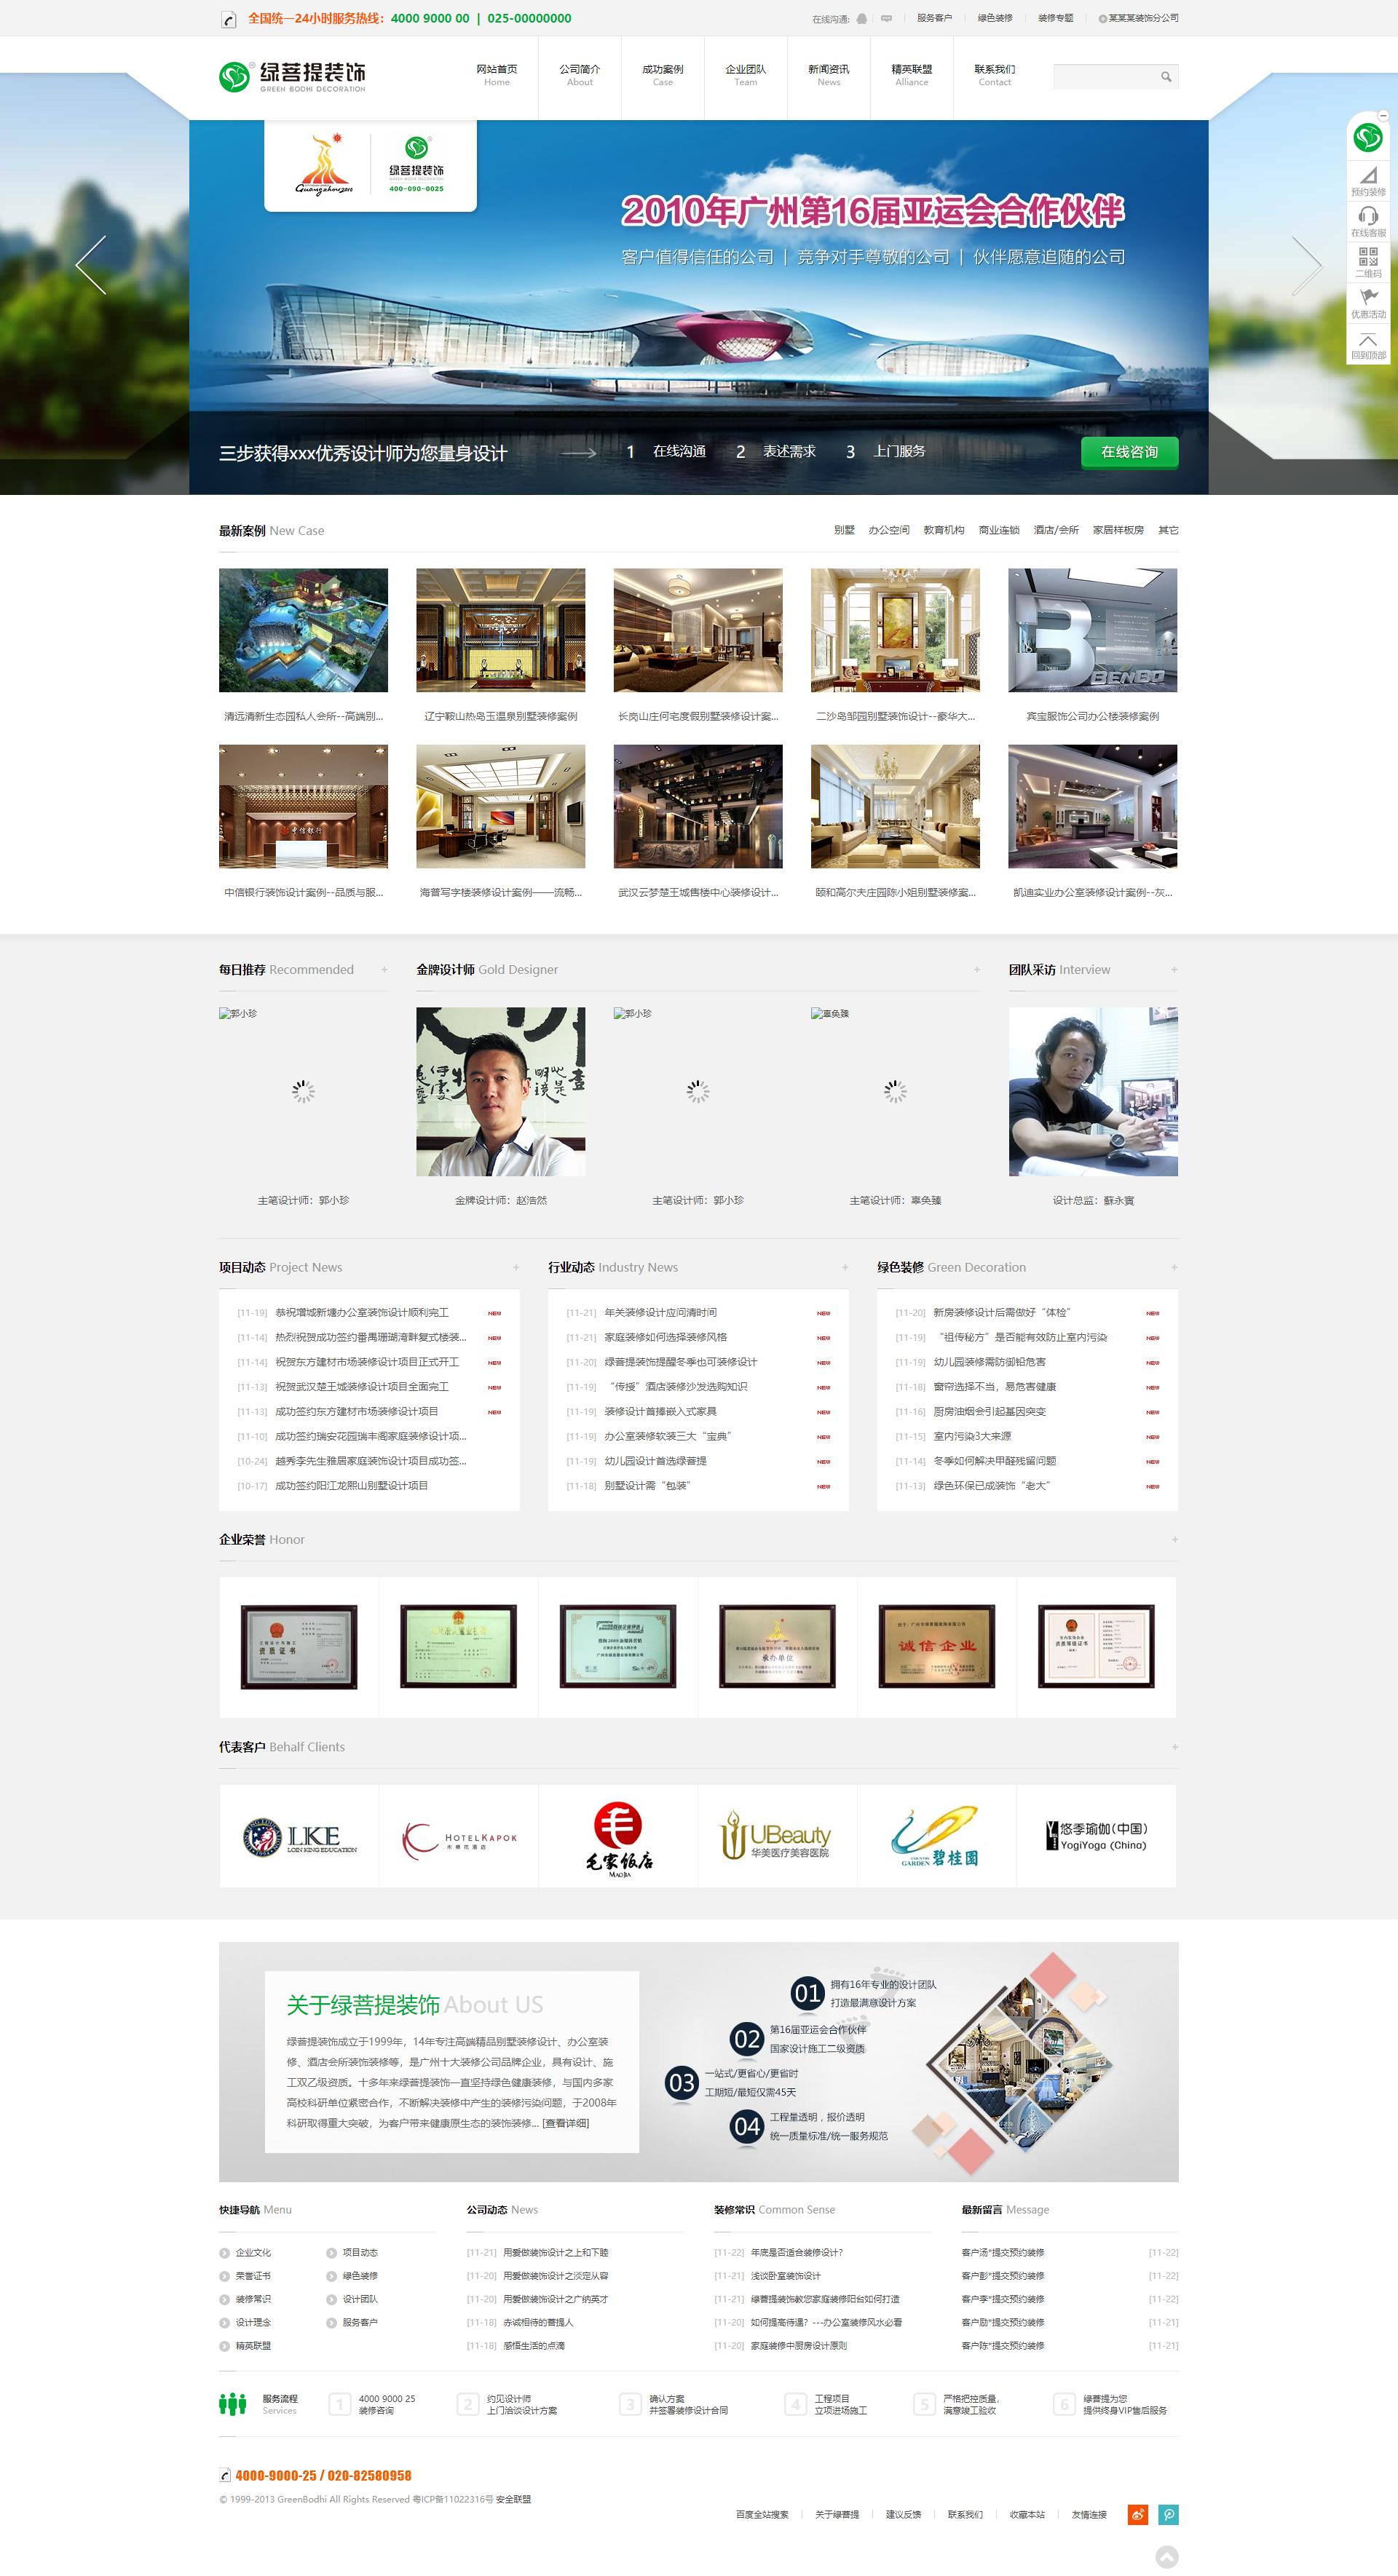 绿色win8风格的绿菩提家居装饰企业网站